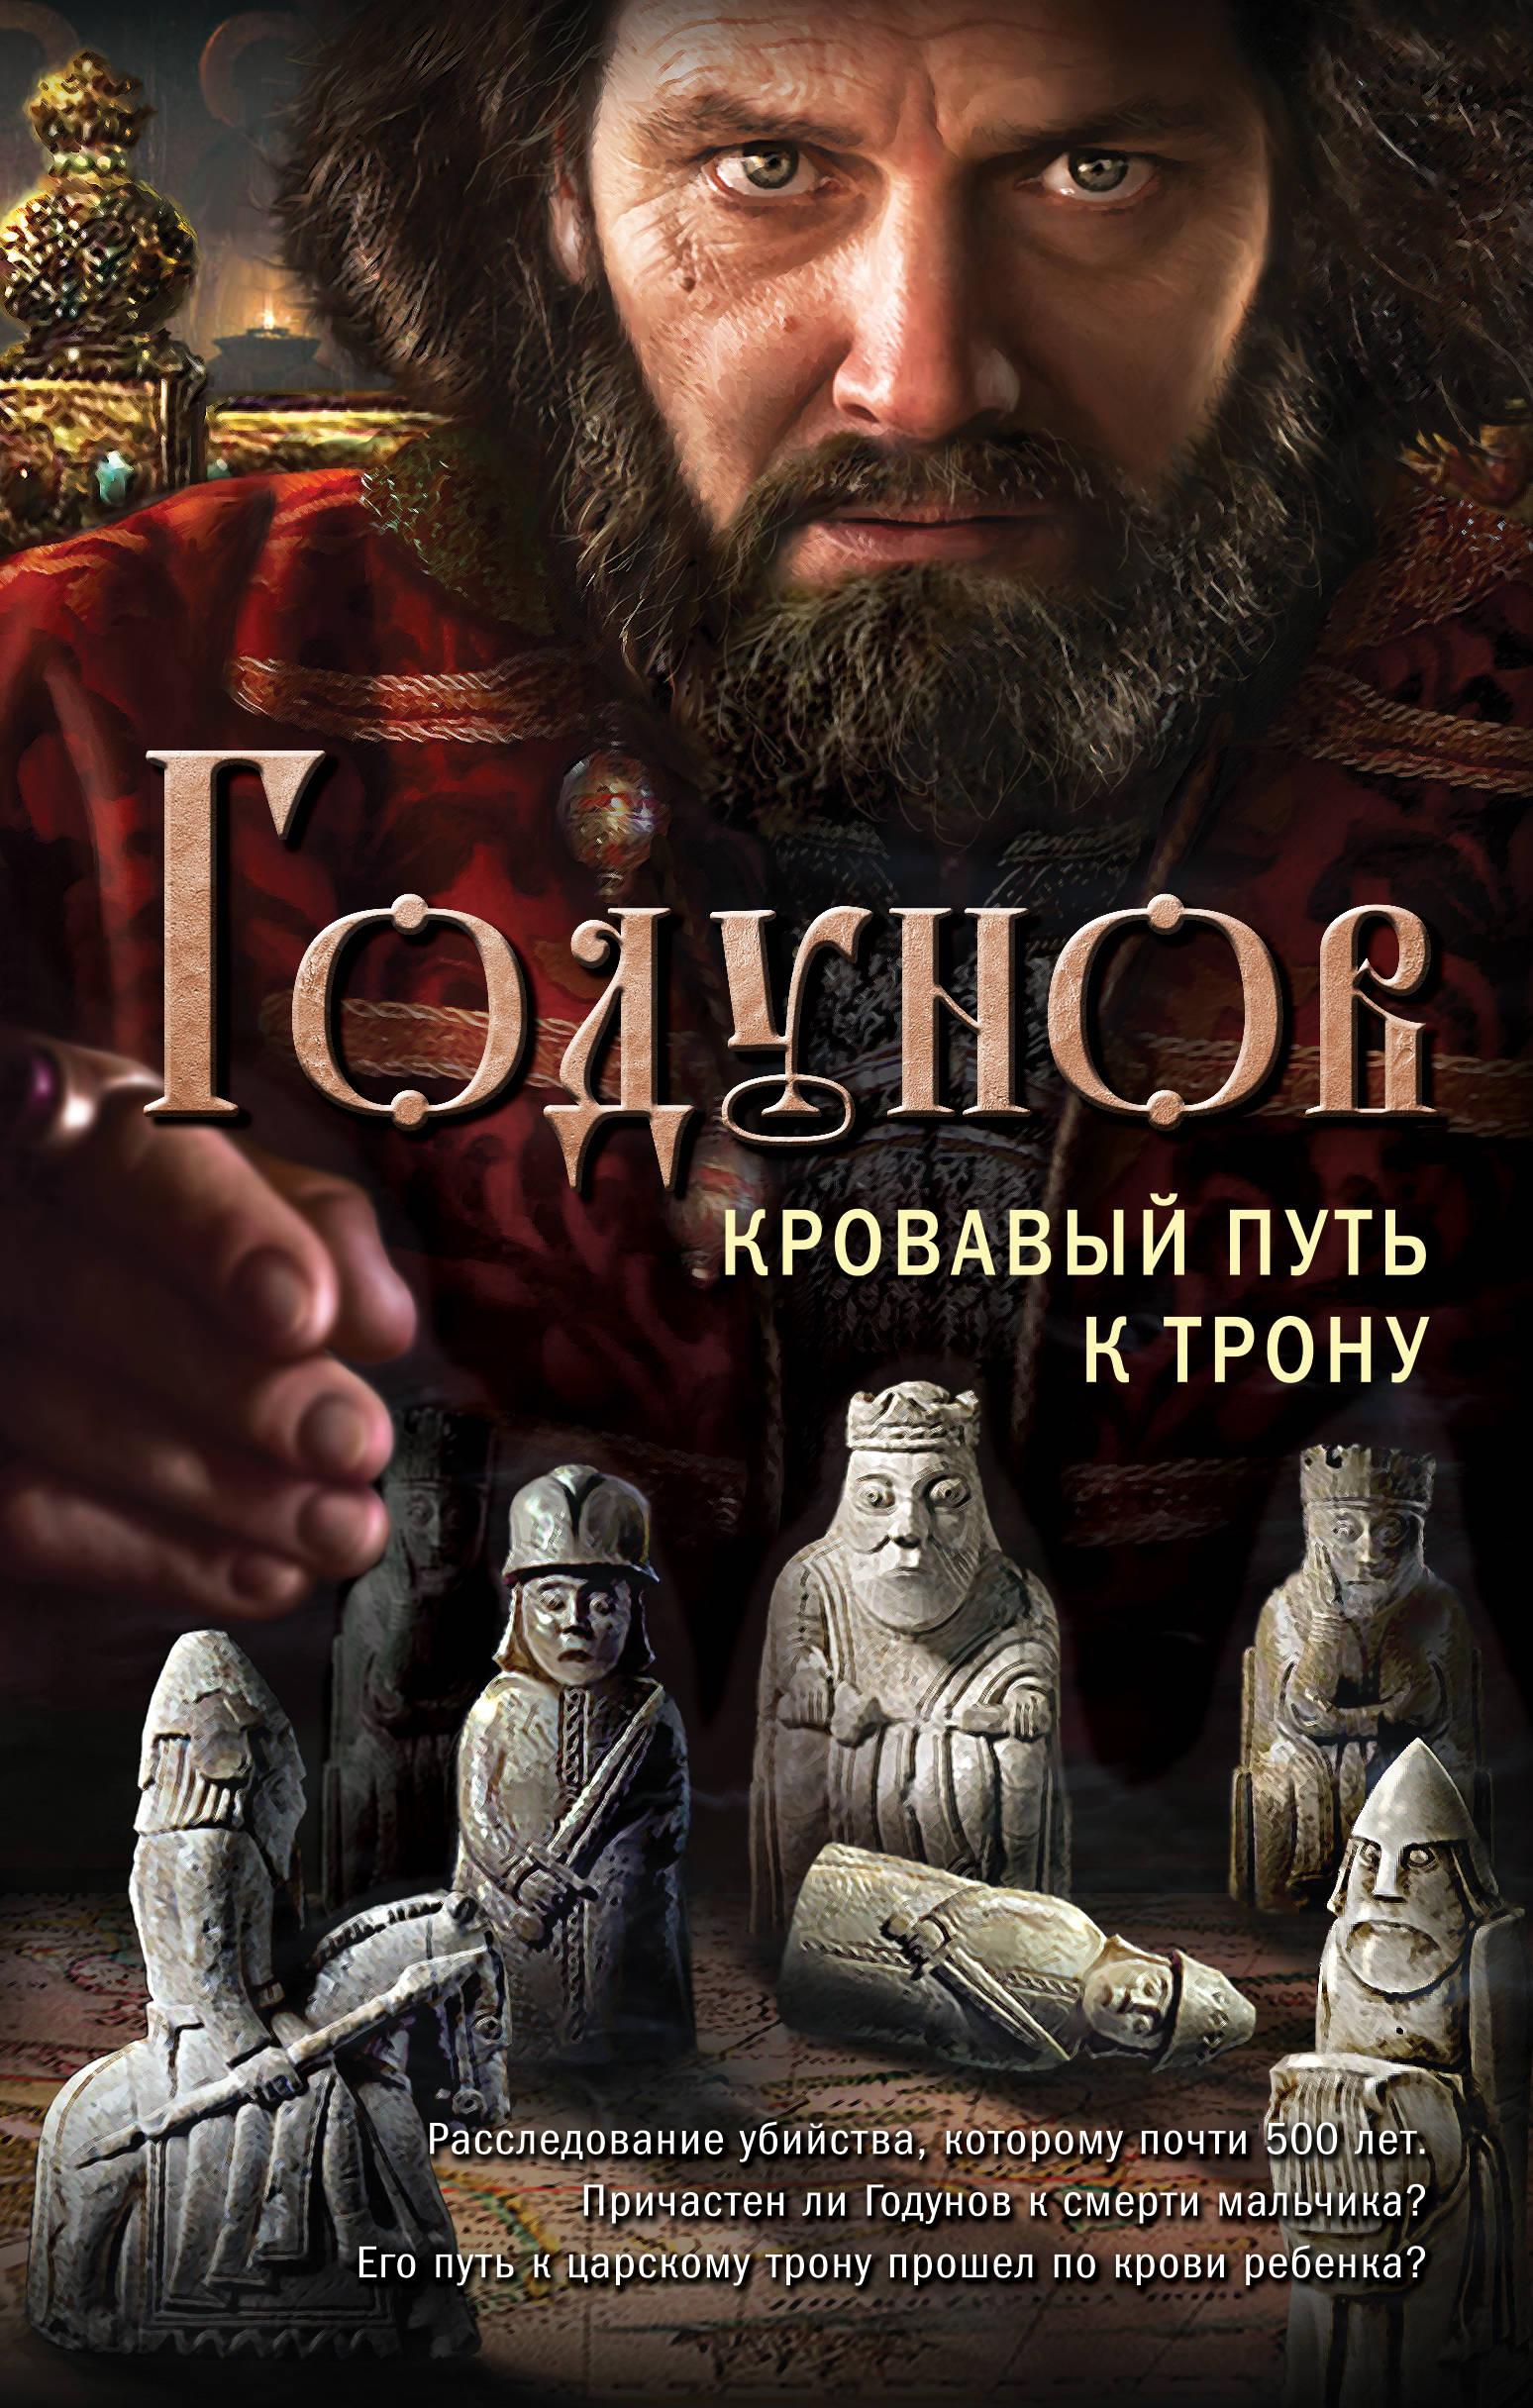 Годунов. Кровавый путь к трону